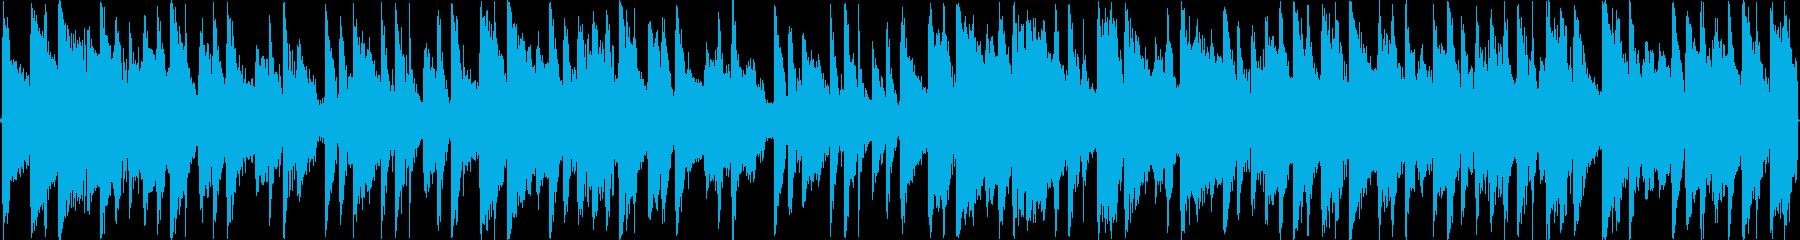 アクションパズル的な明るい1(ループ可)の再生済みの波形